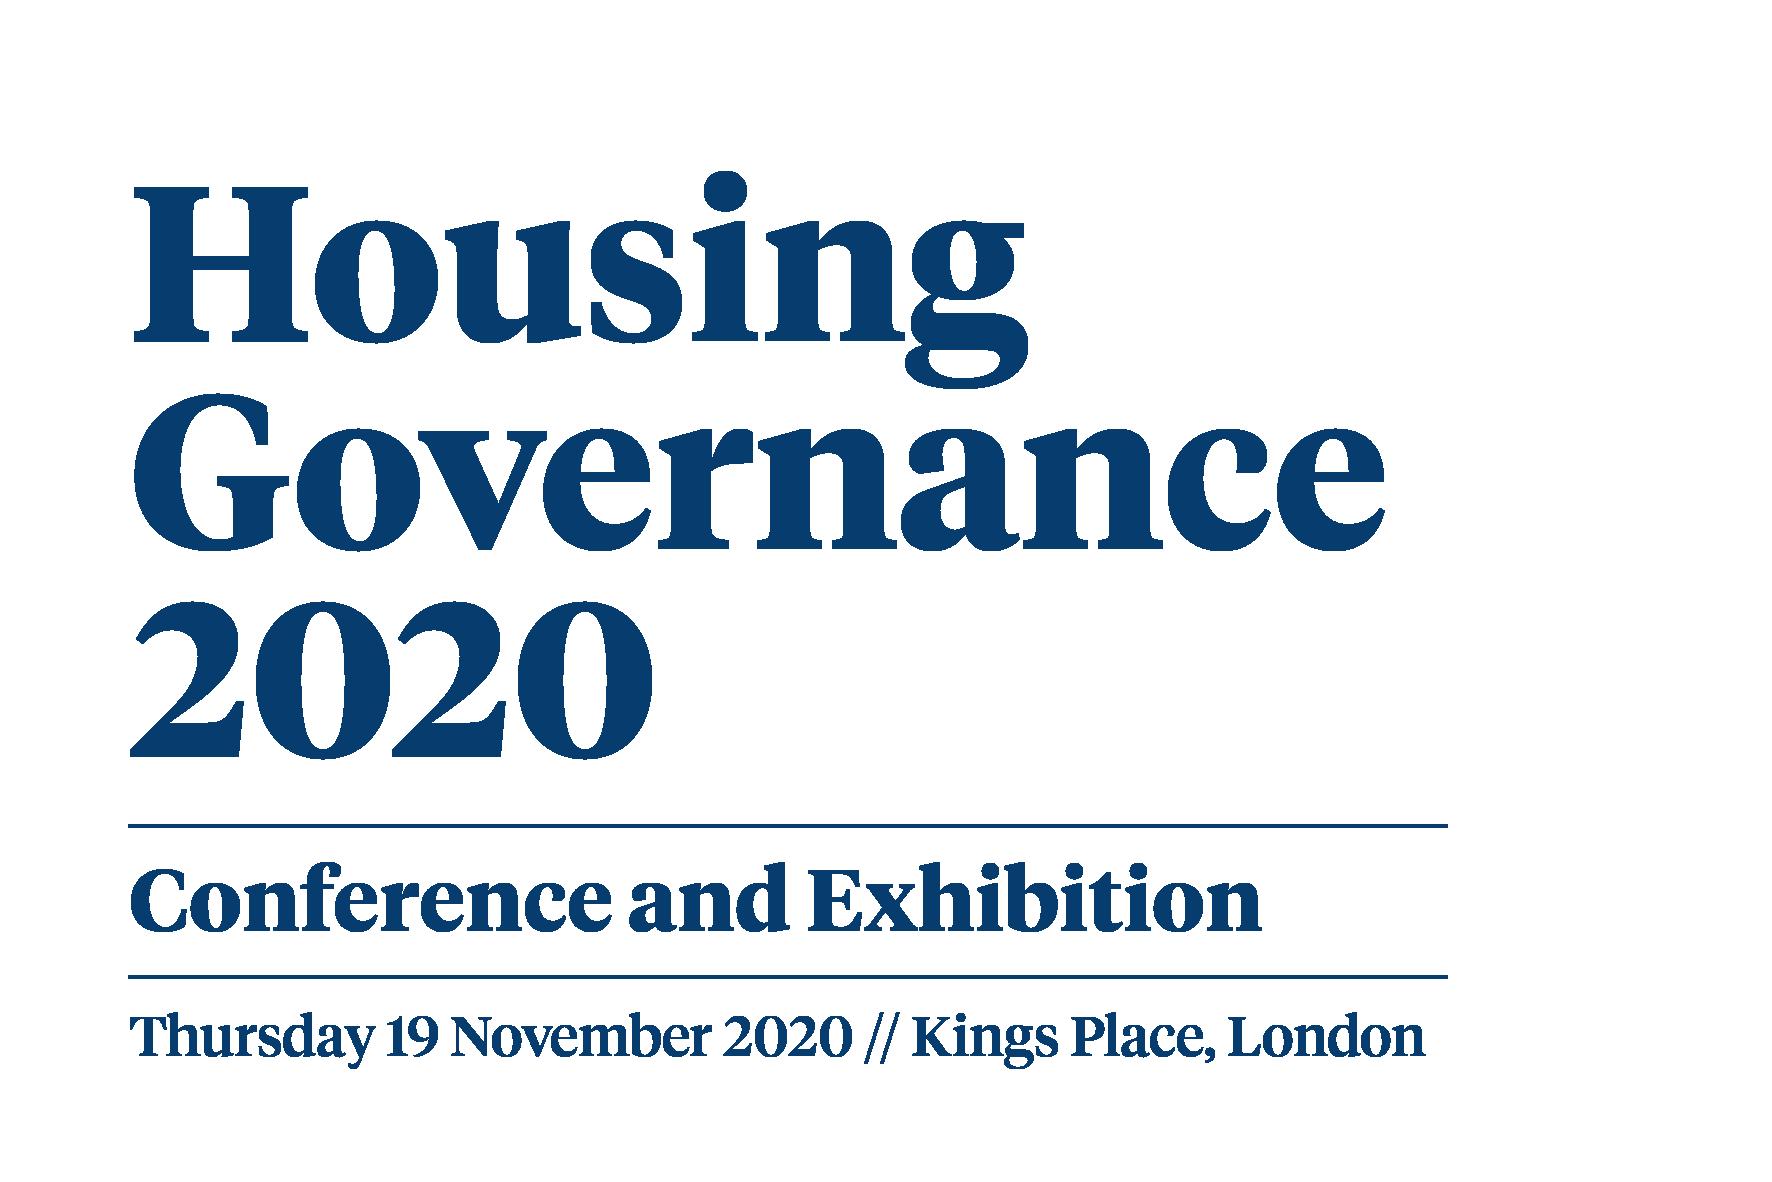 Housing Governance 2020